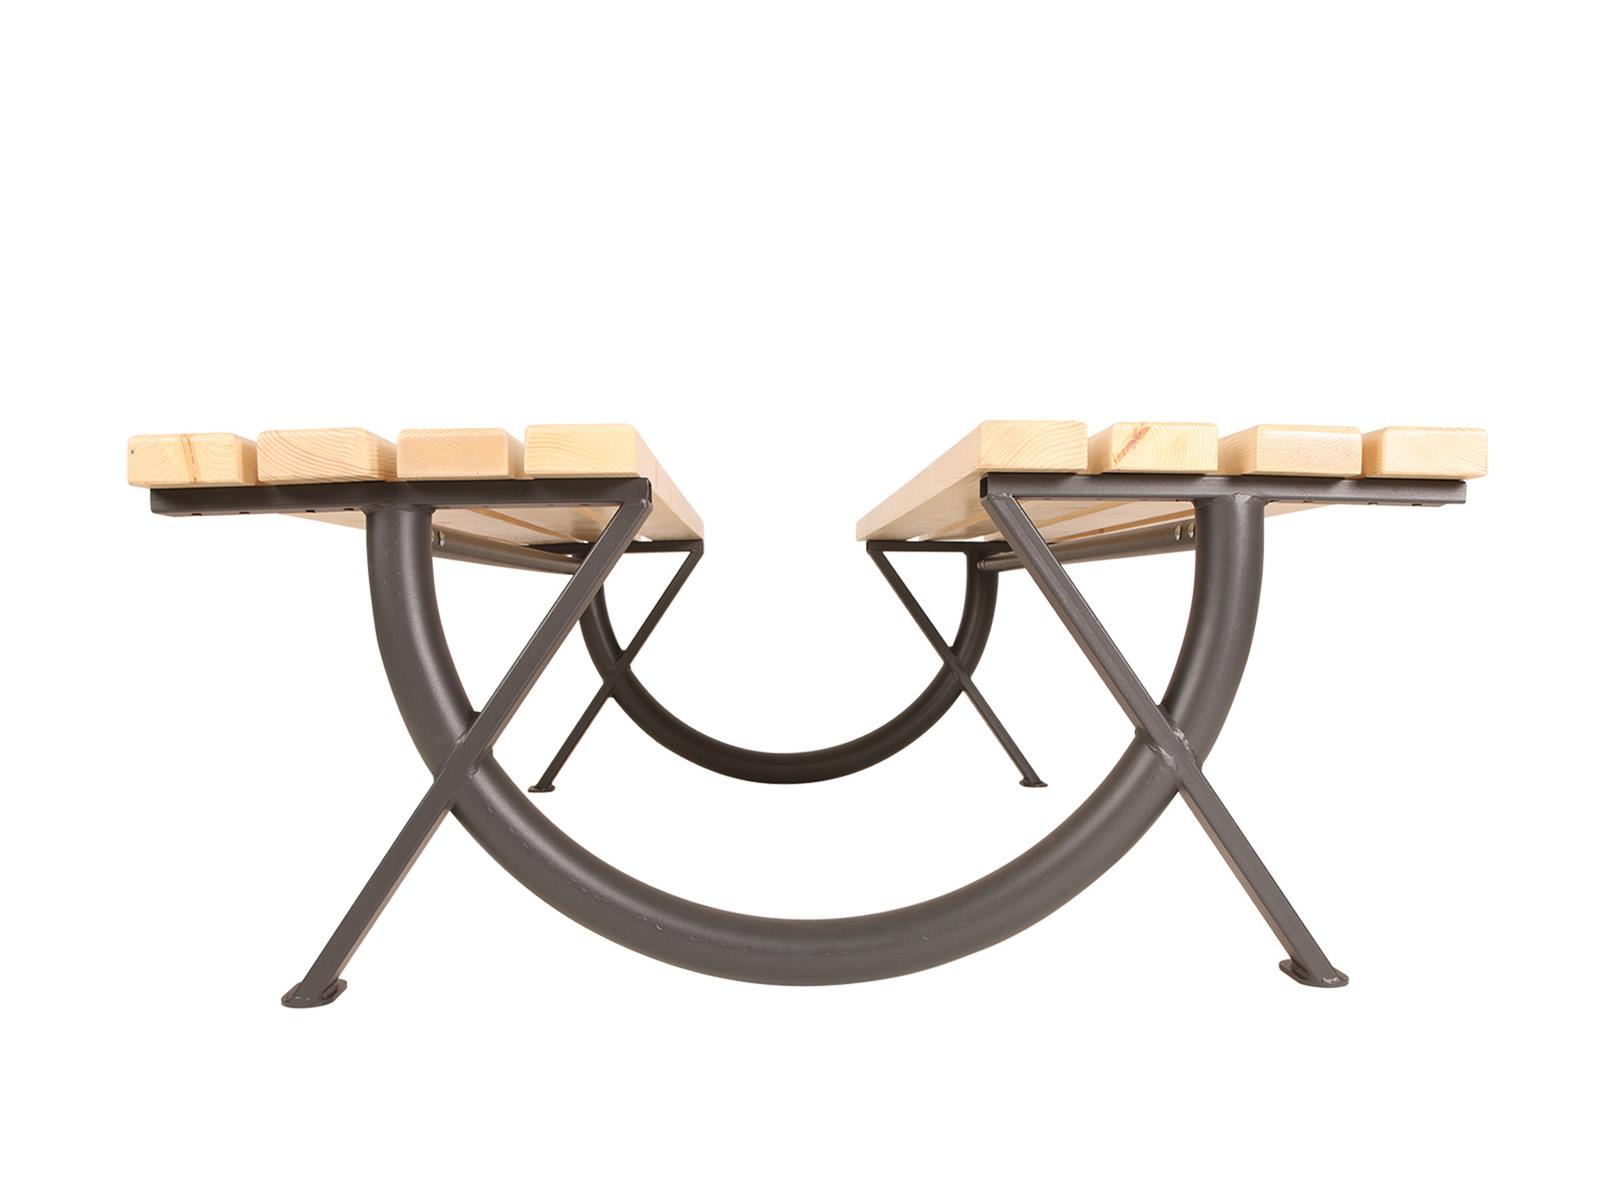 Ring venkovní dvojitá lavička trojmístná bez opěradla